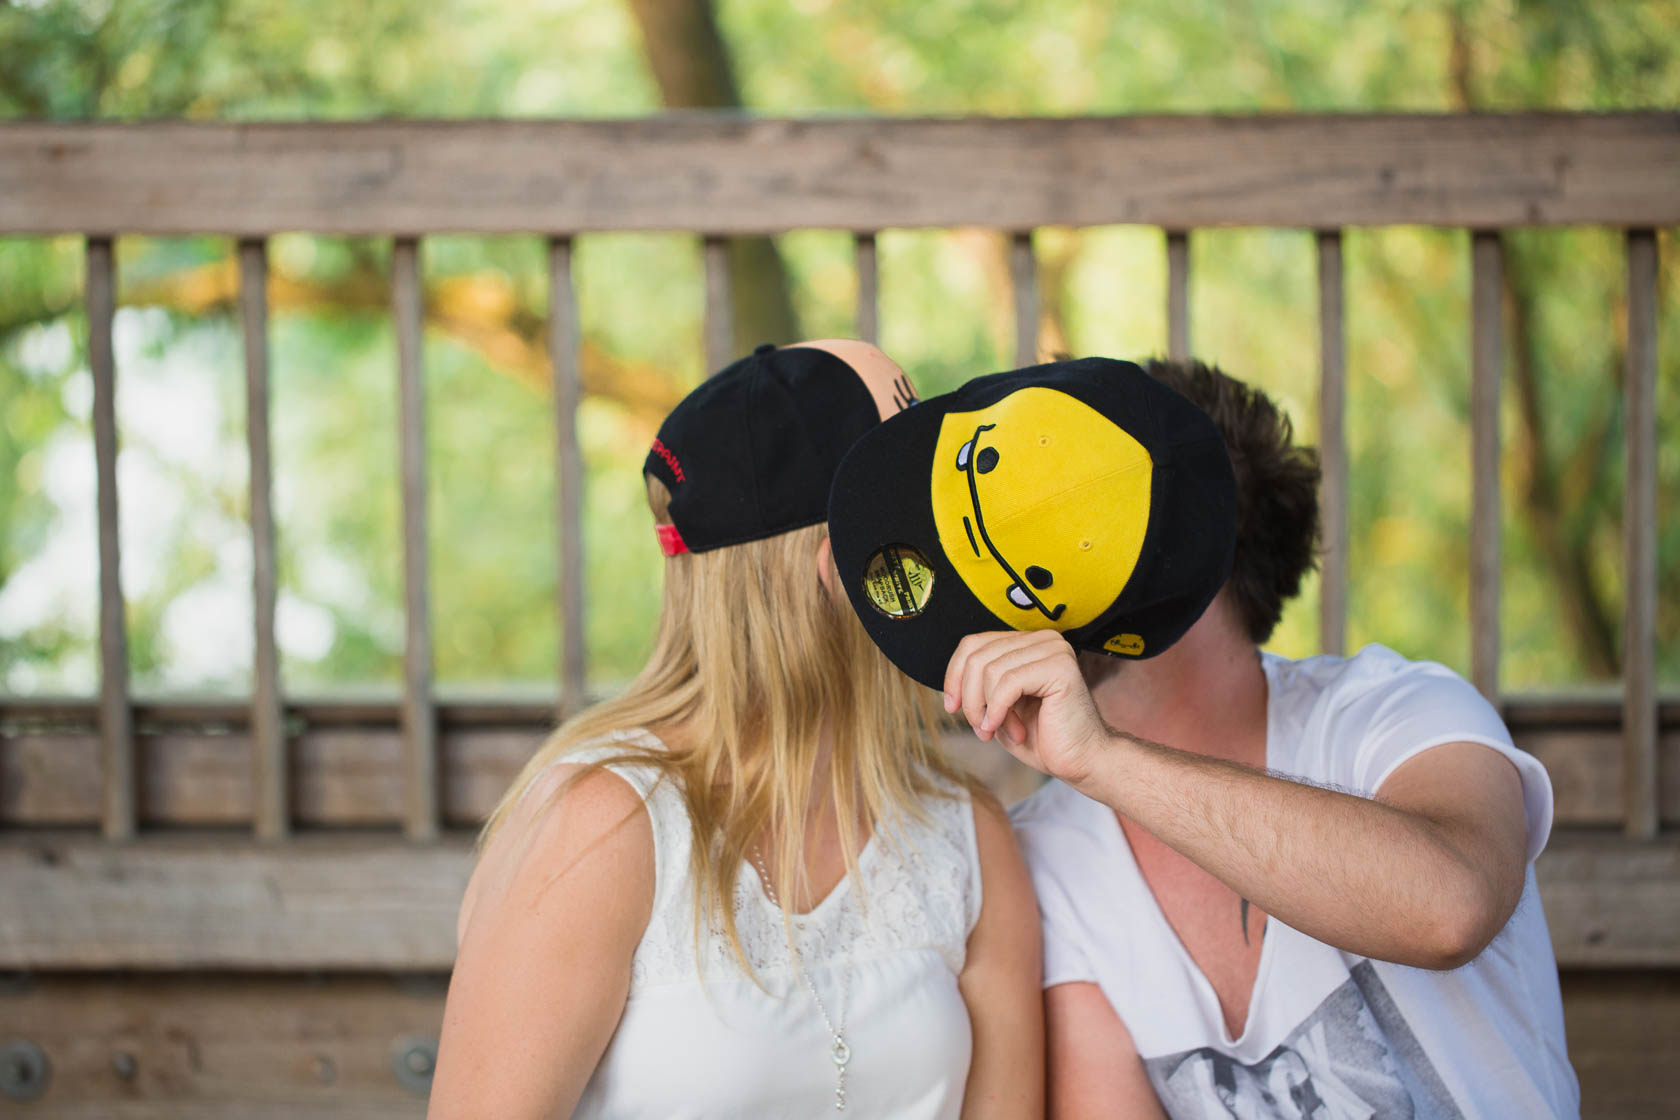 Paarfotoshooting mit Eileen und Christoph in Ketsch Basecap alte Rheinbrücke verdeckter Kuss